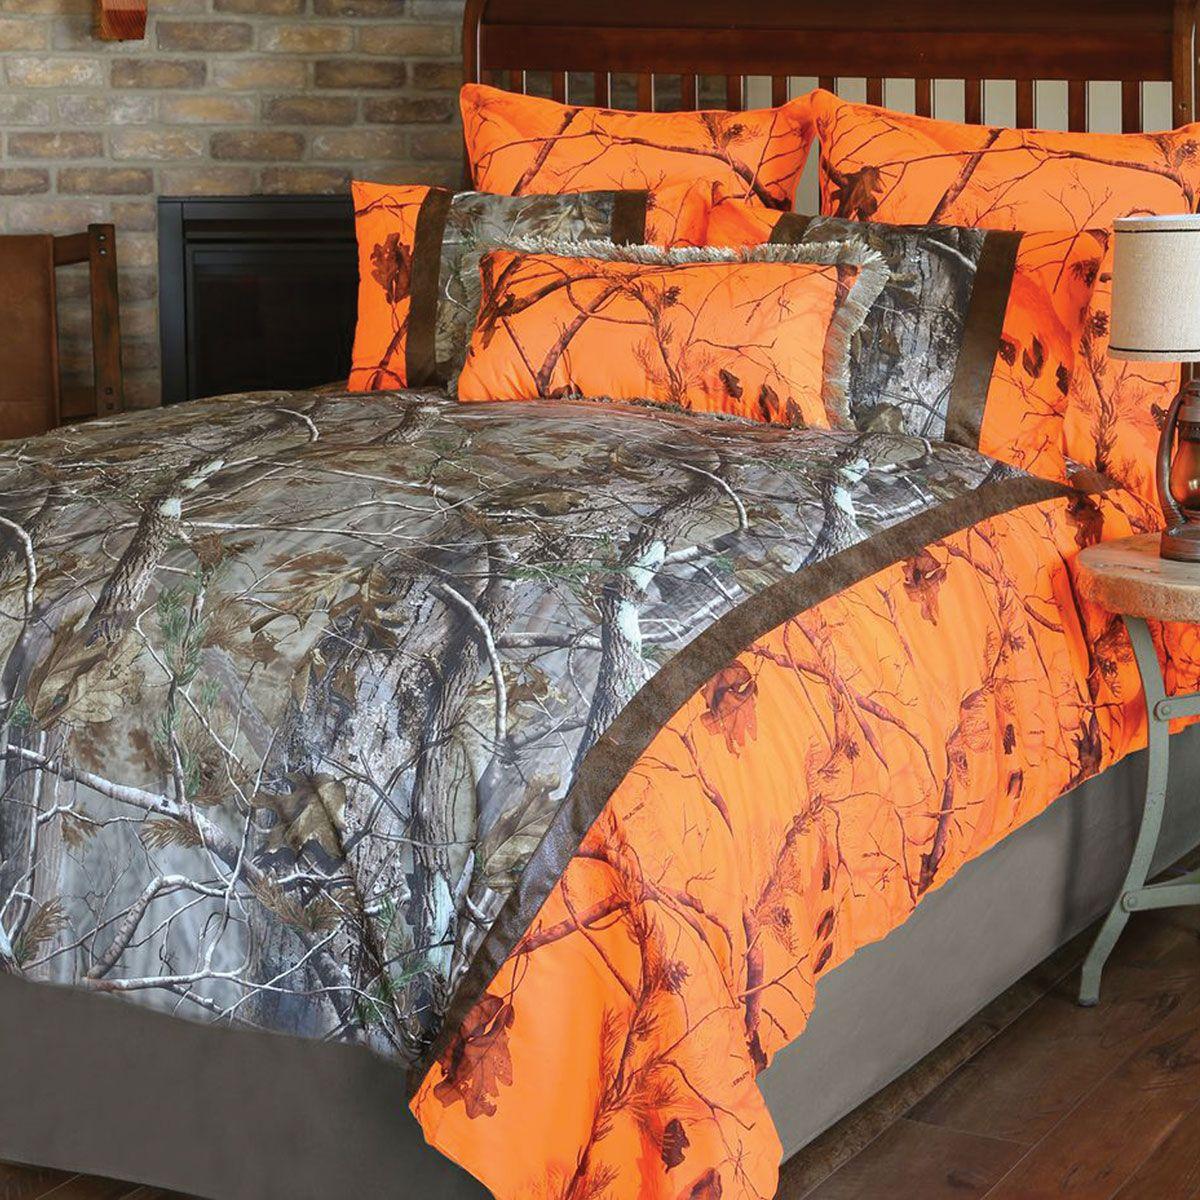 Realtree Ap And Orange Blaze Ap Camo Bed Set Queen